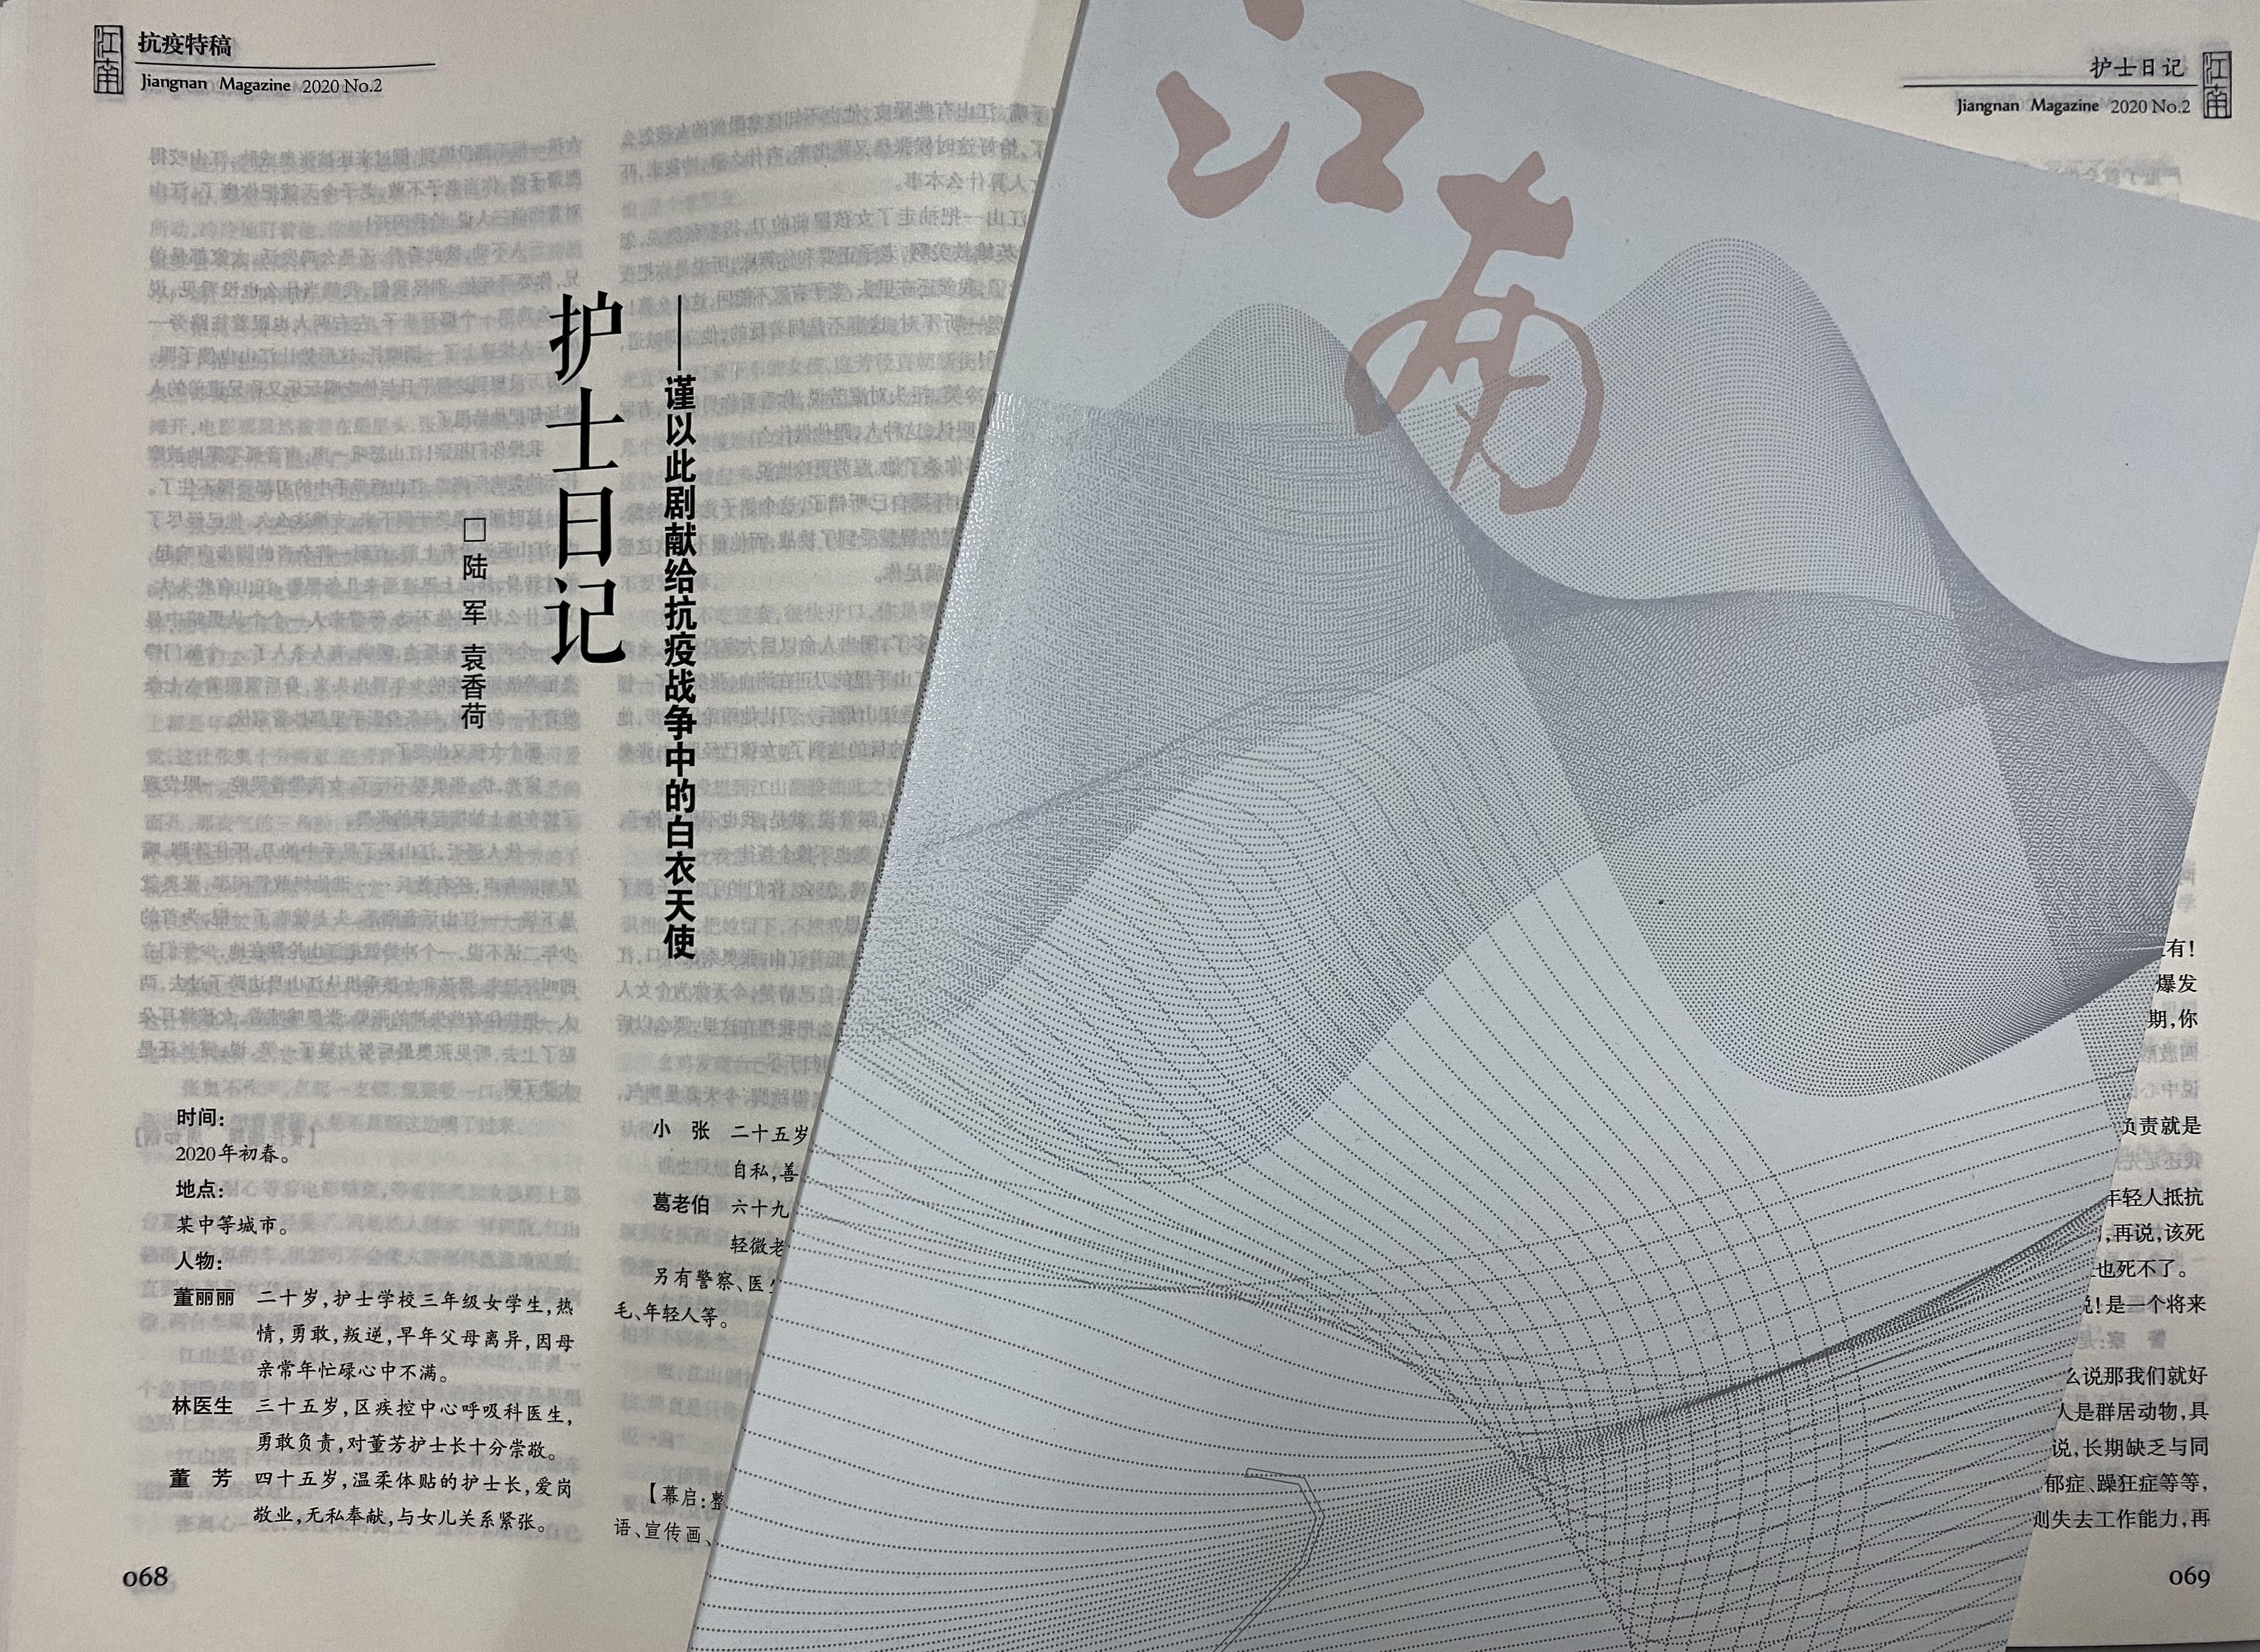 《江南》雜志首發抗疫題材劇本《護士日記》